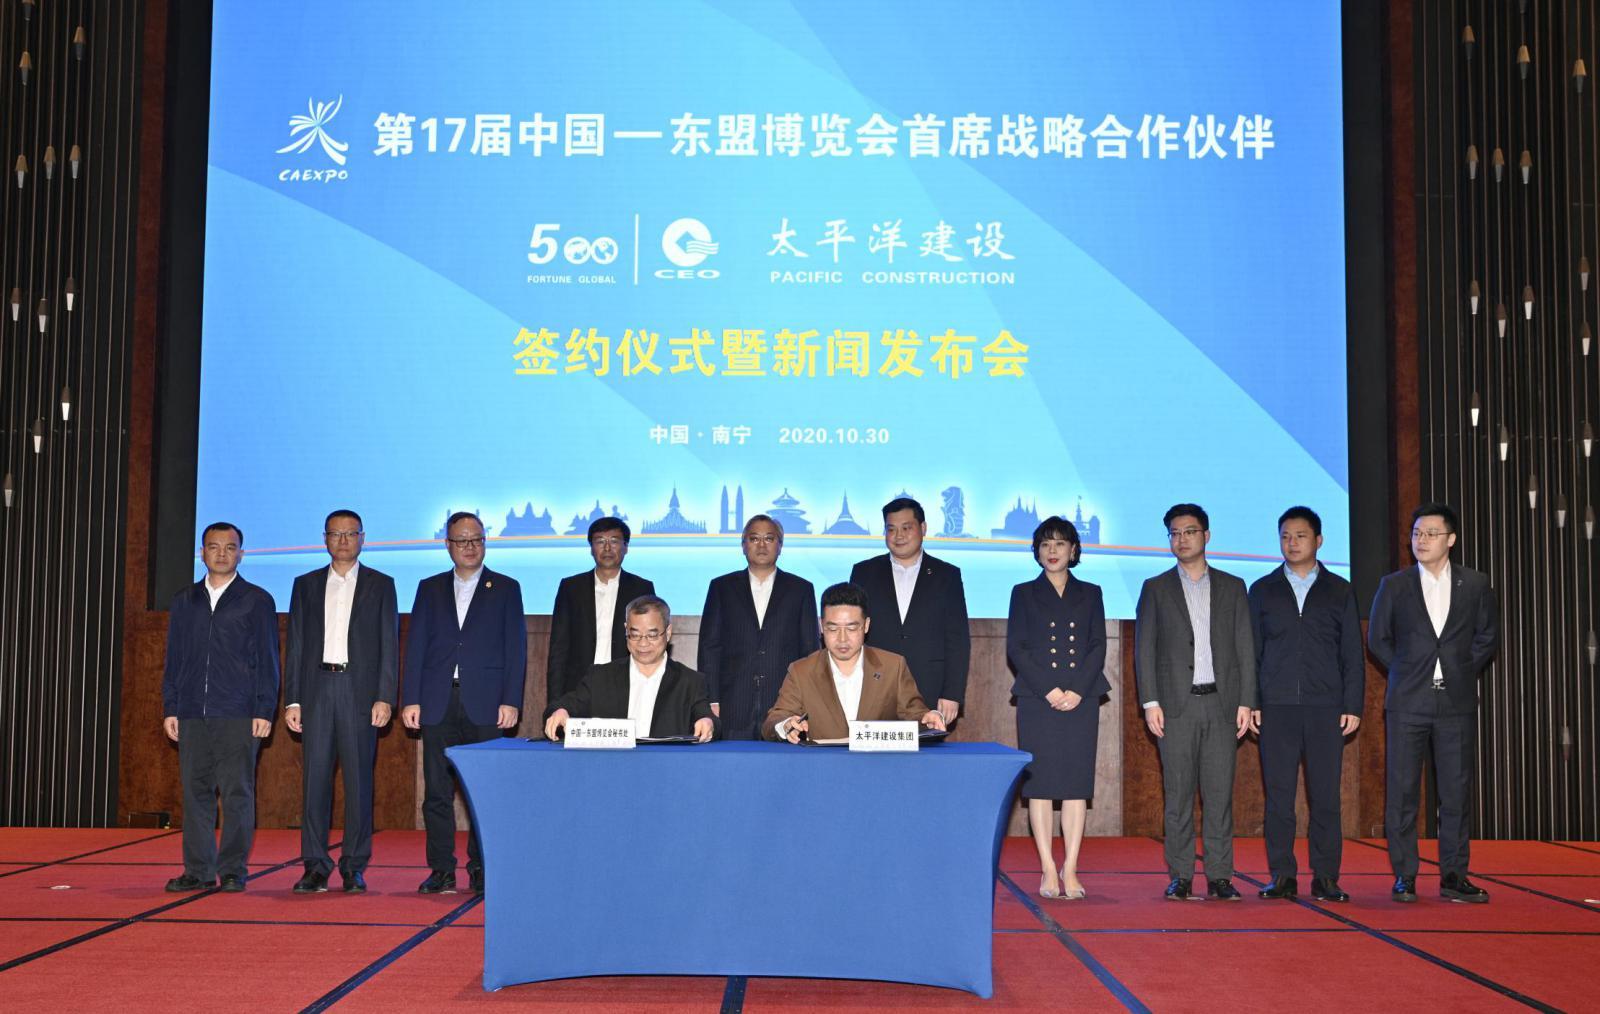 太平洋建设集团荣膺第17届东博会首席战略合作伙伴